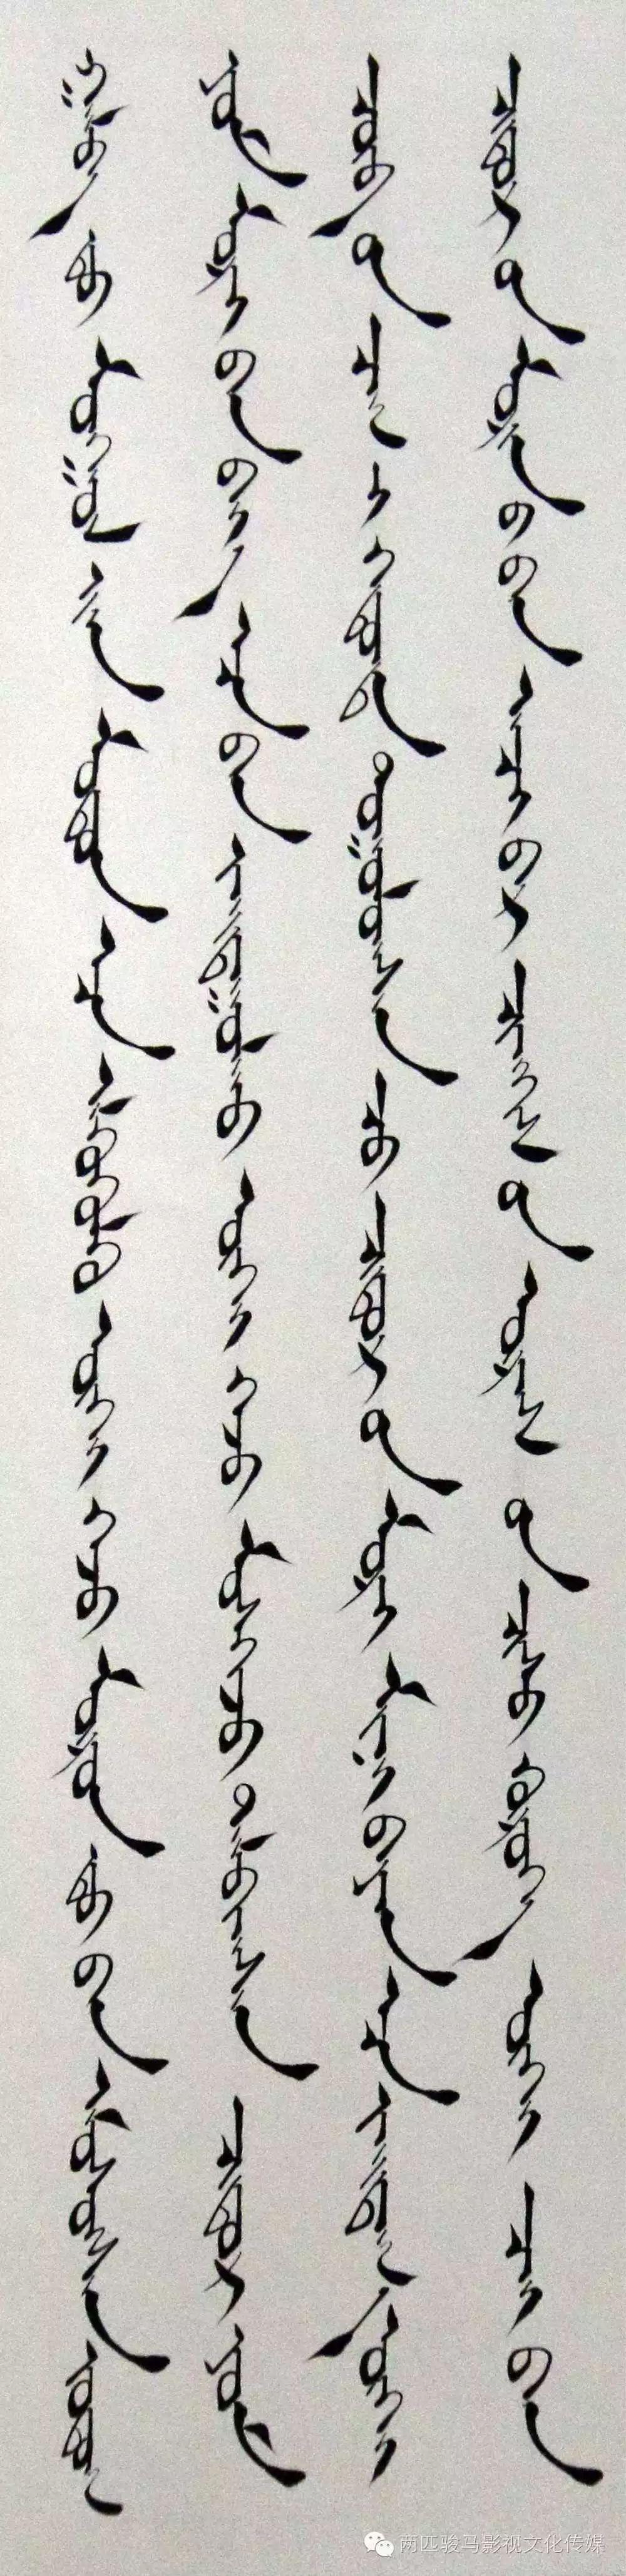 【艺术】2016年通辽市蒙古文书法大赛获奖作品欣赏 第1张